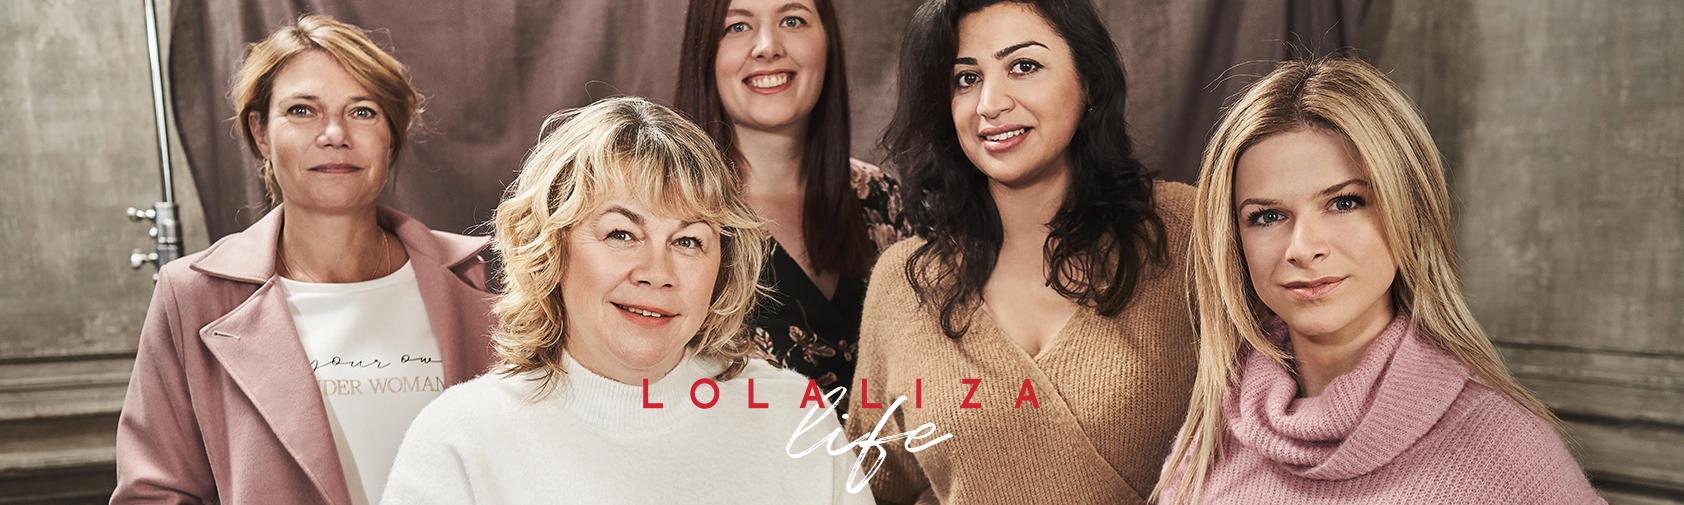 Lolaliza Life